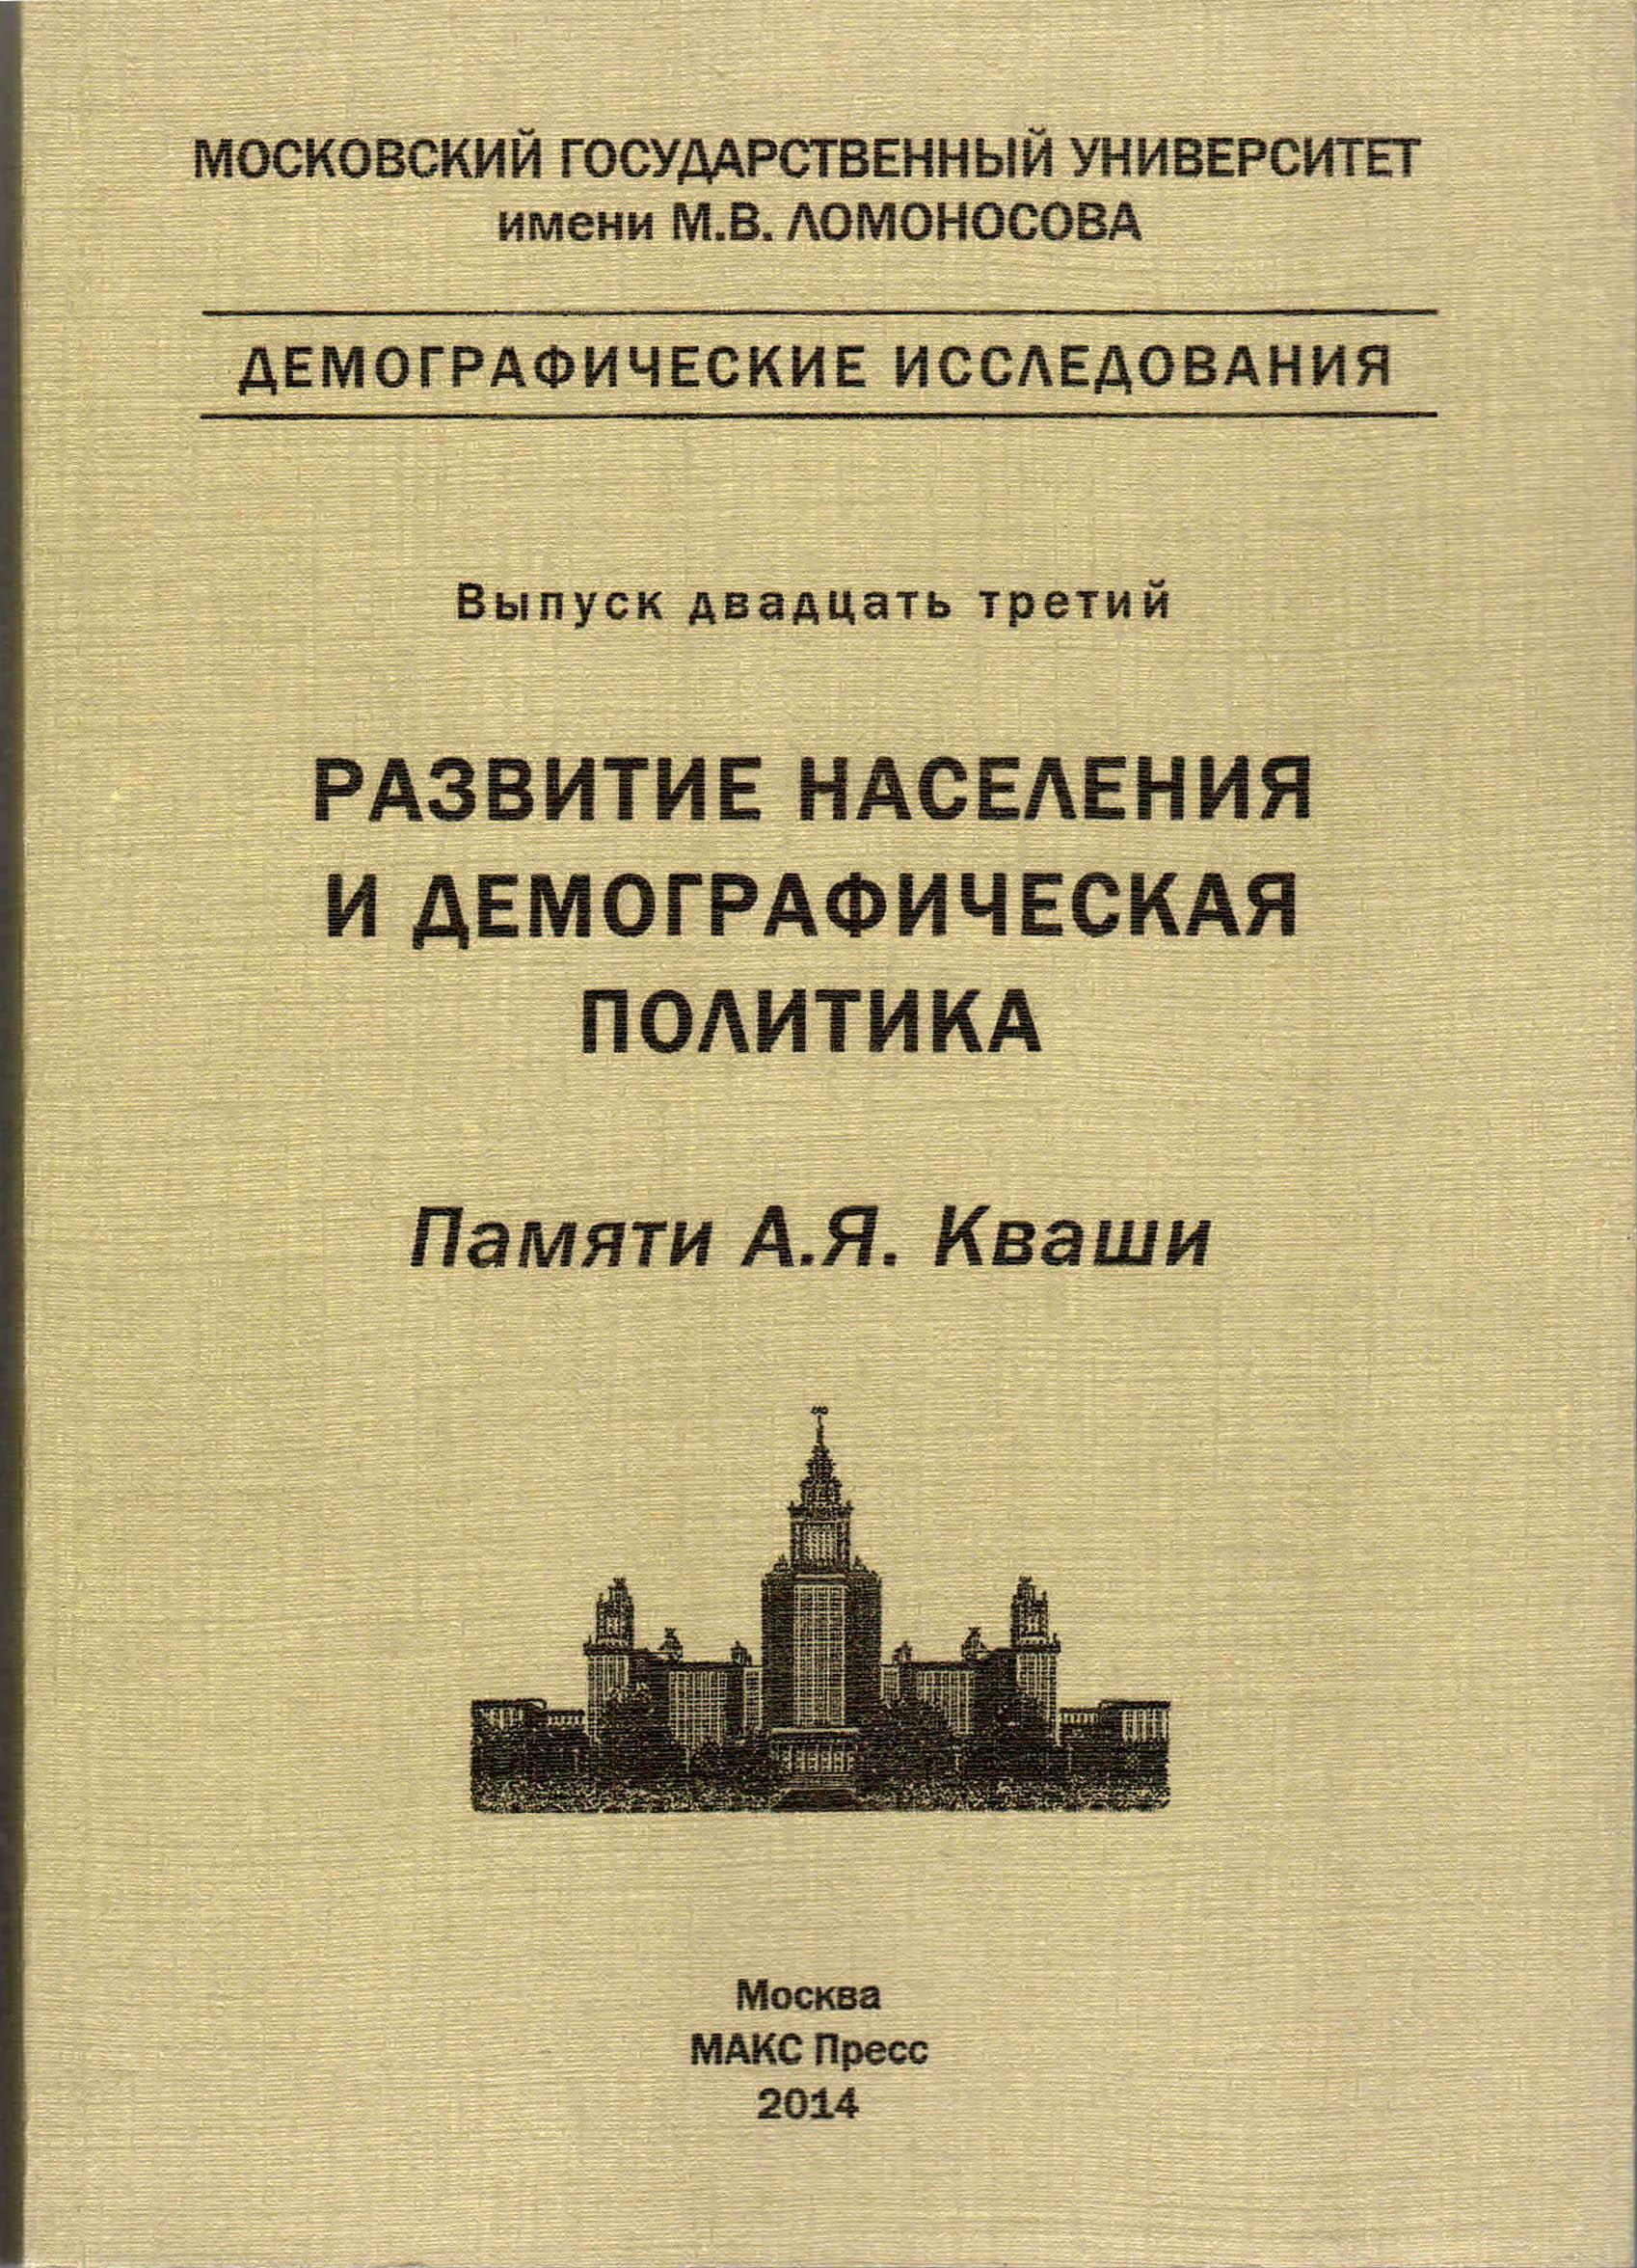 Демографические изменения, экономический рост и трудовая миграция в России